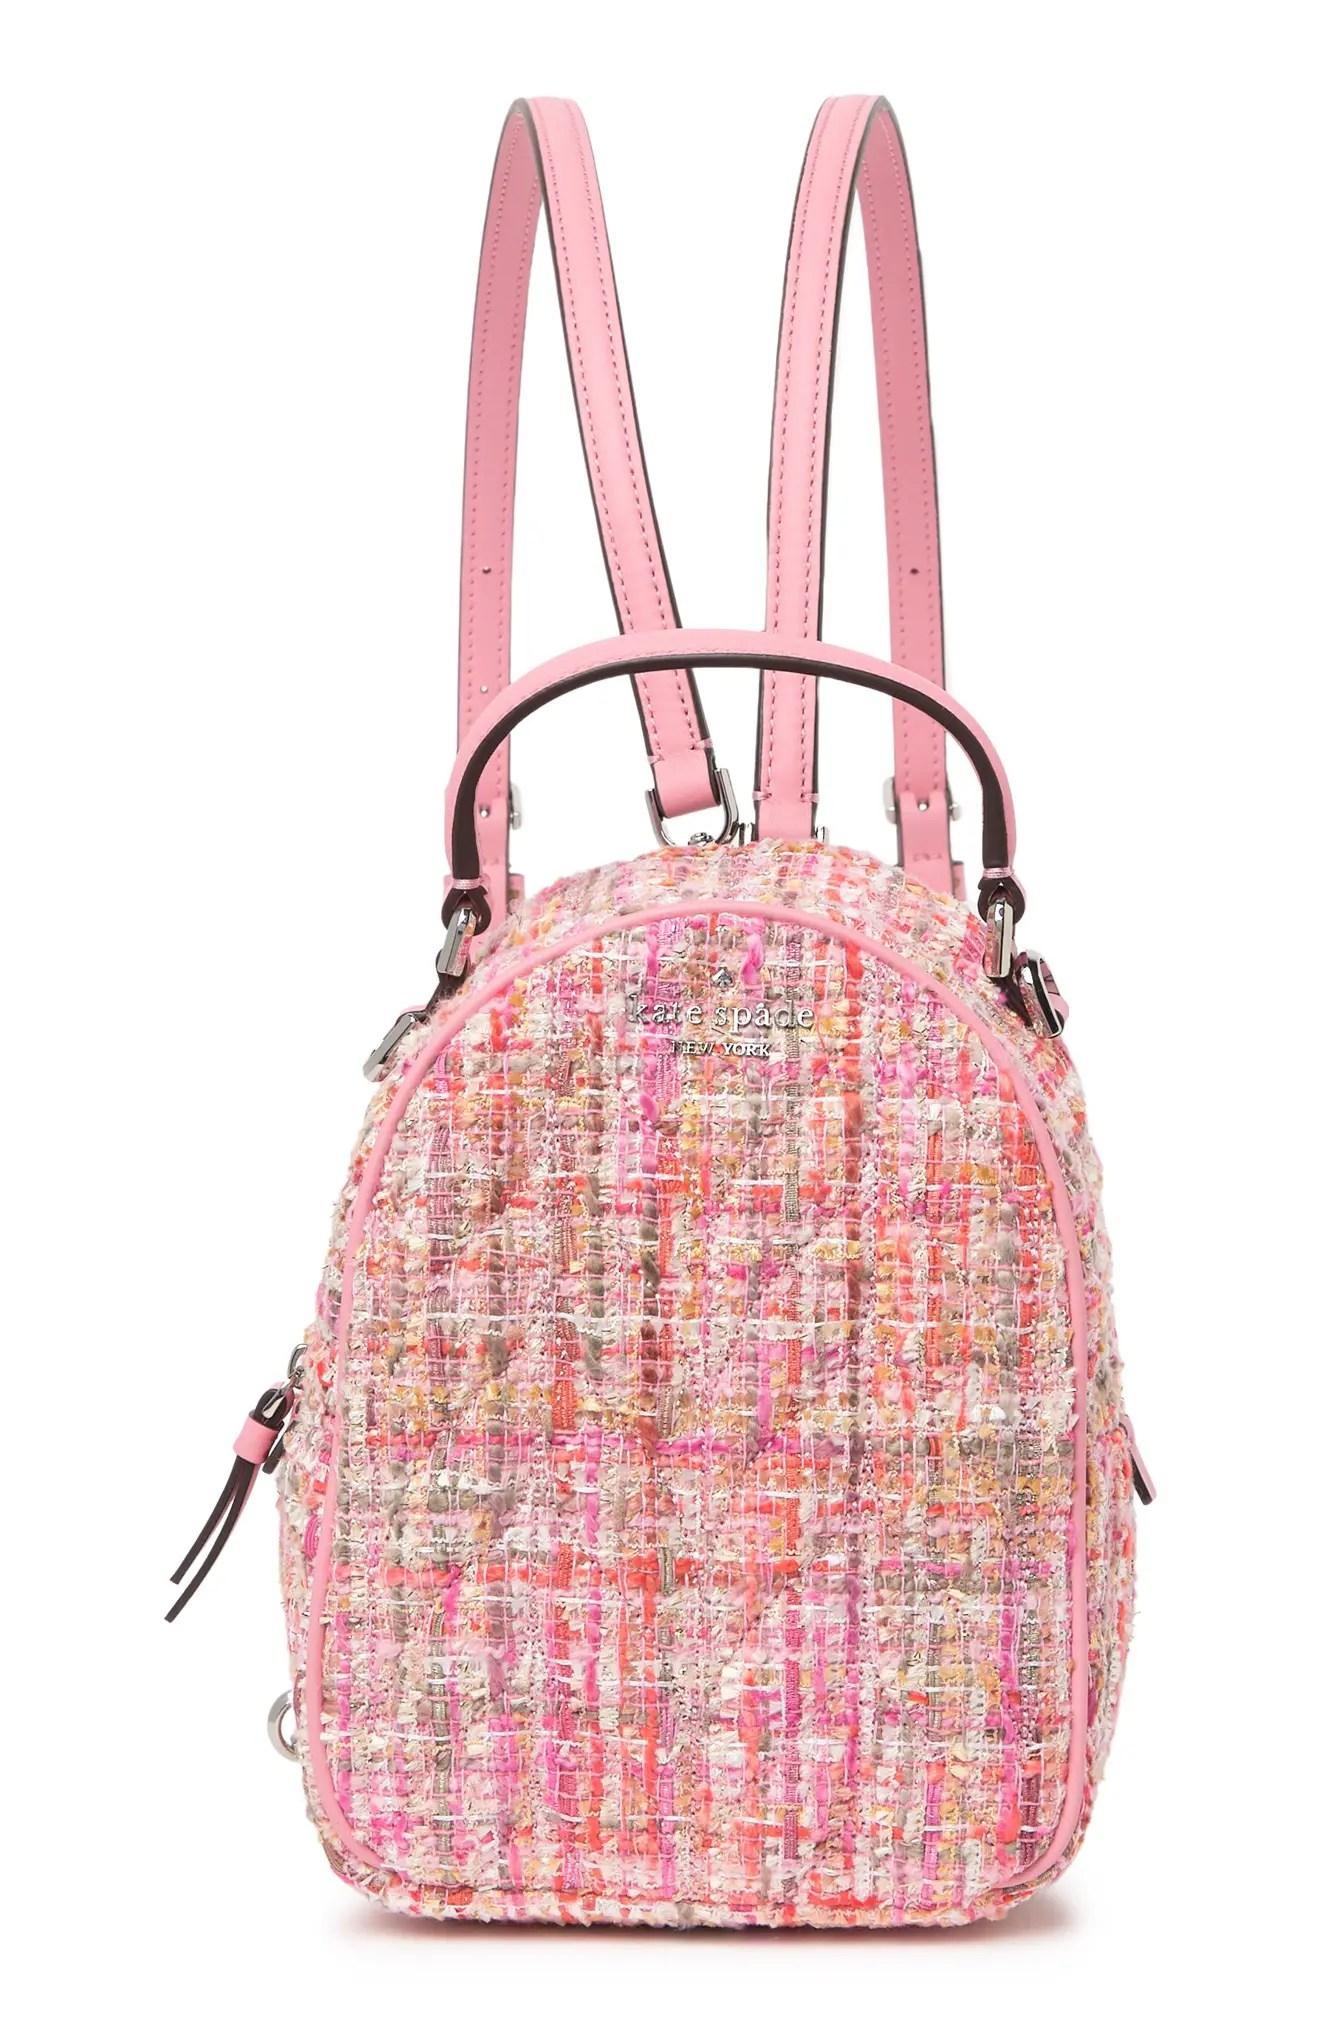 kate spade new york backpacks for women